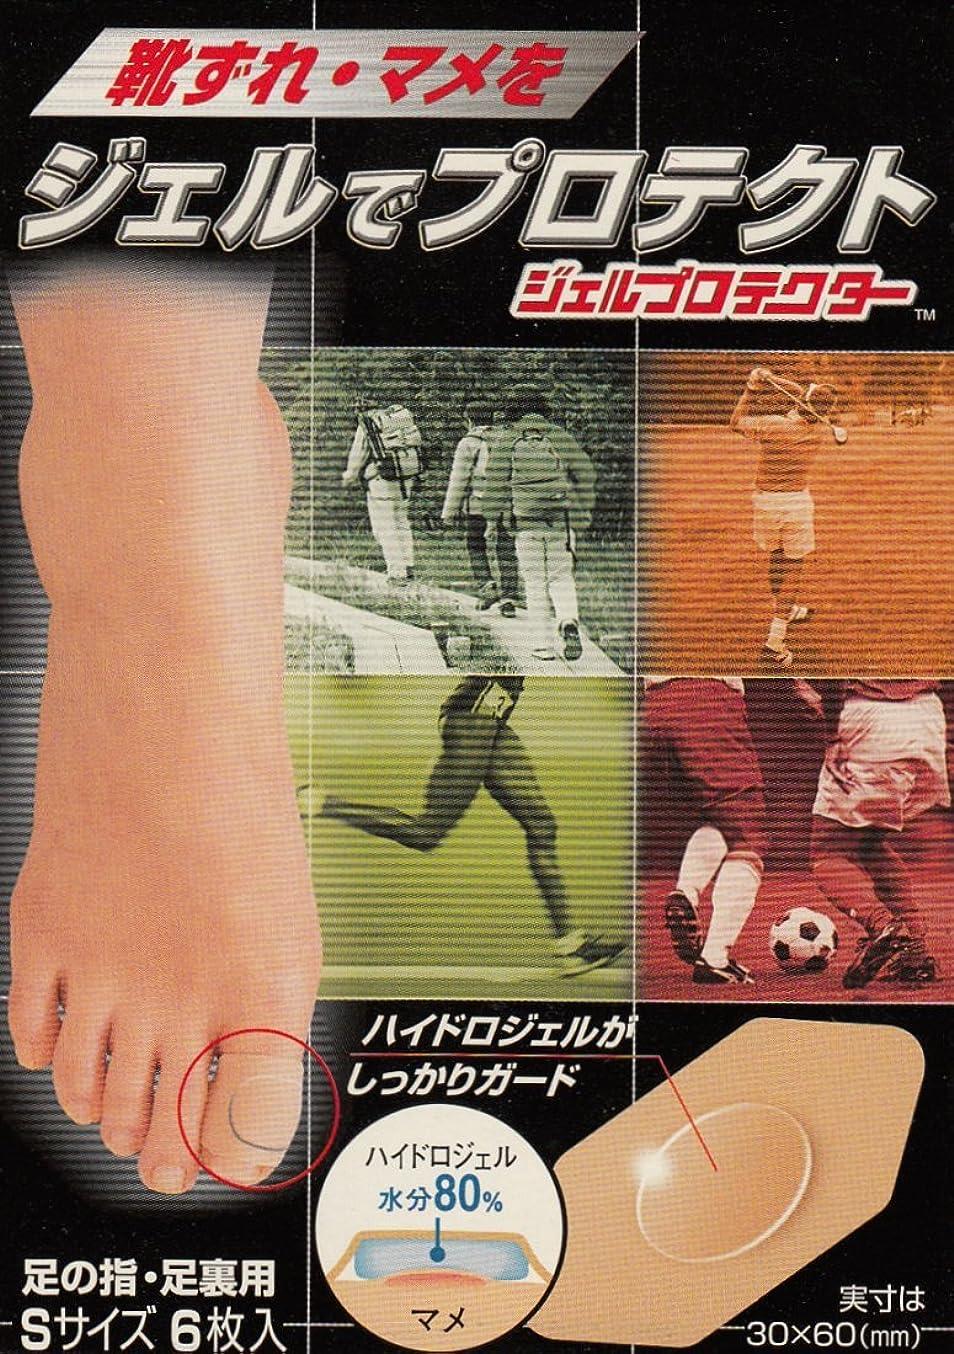 広いヘルパー厳【ニチバン】バトルウィン ジェルプロテクター 足の指?足裏用 Sサイズ6枚 ×3個セット